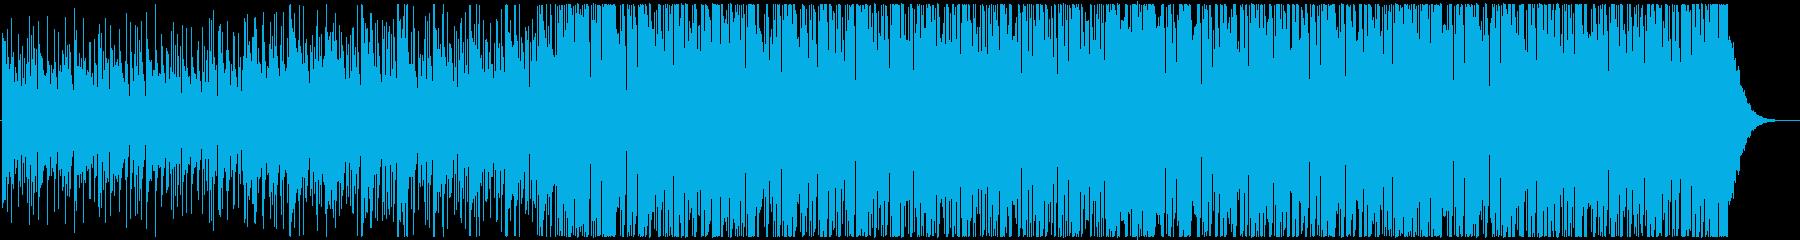 【ショートType1】明るく切ないEDMの再生済みの波形